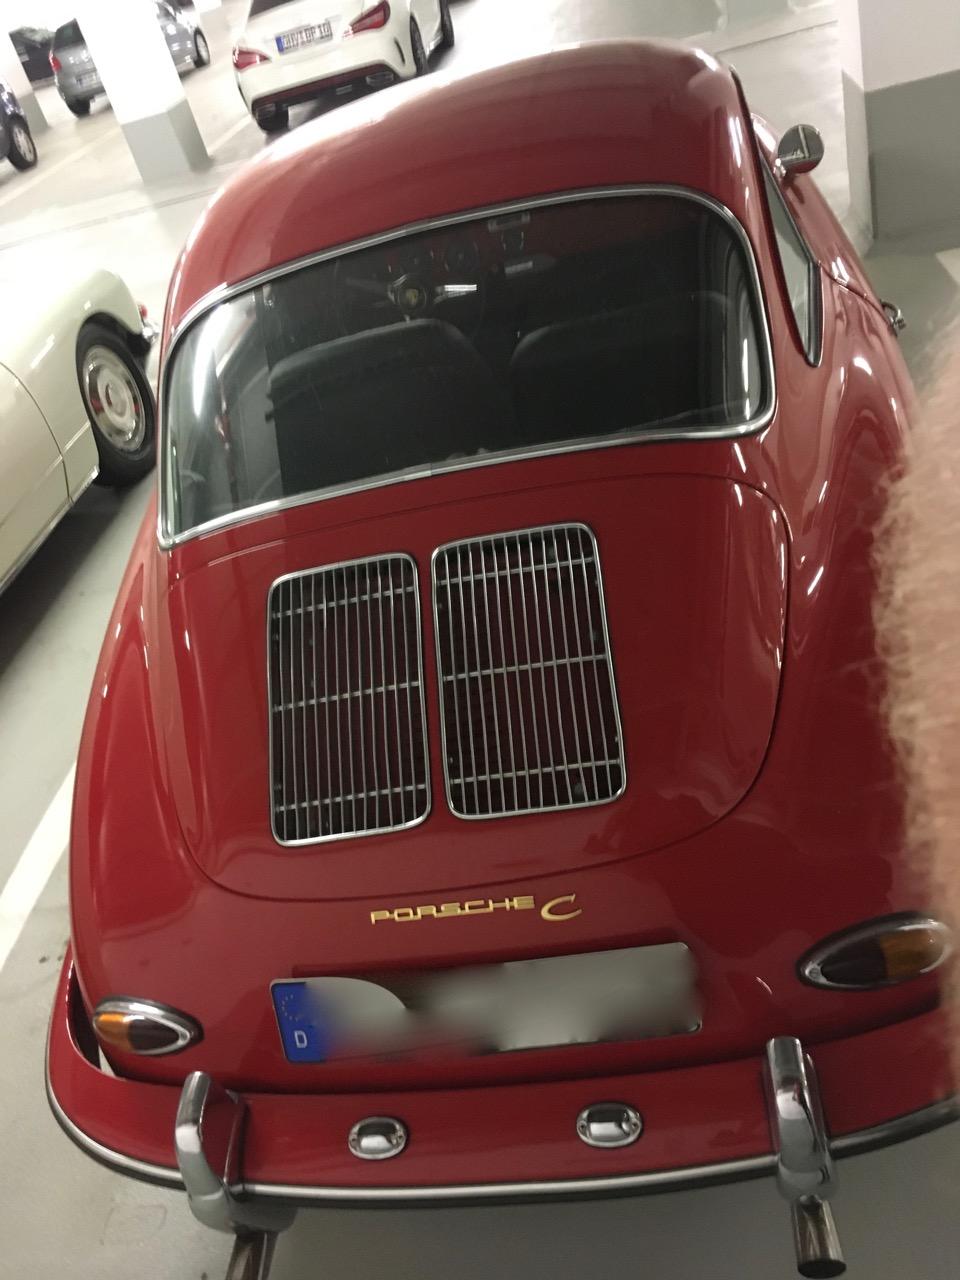 Porsche C 4